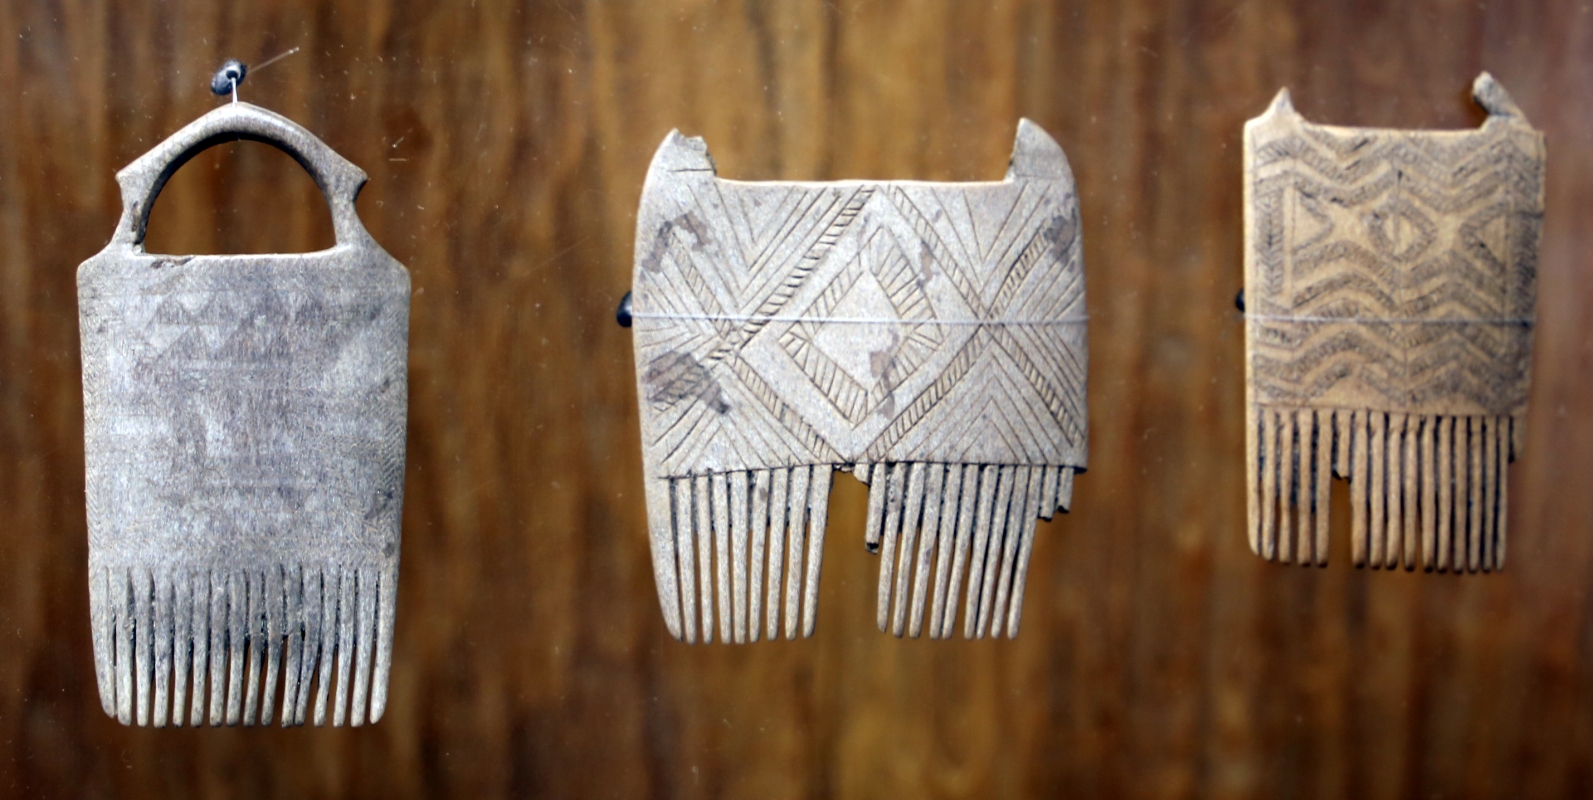 Bronzo medio e recente, pettini in corno di cervo, da castione dei marchesi, xvi-xii secolo ac. ca. 04 - Sailko - Parma (PR)